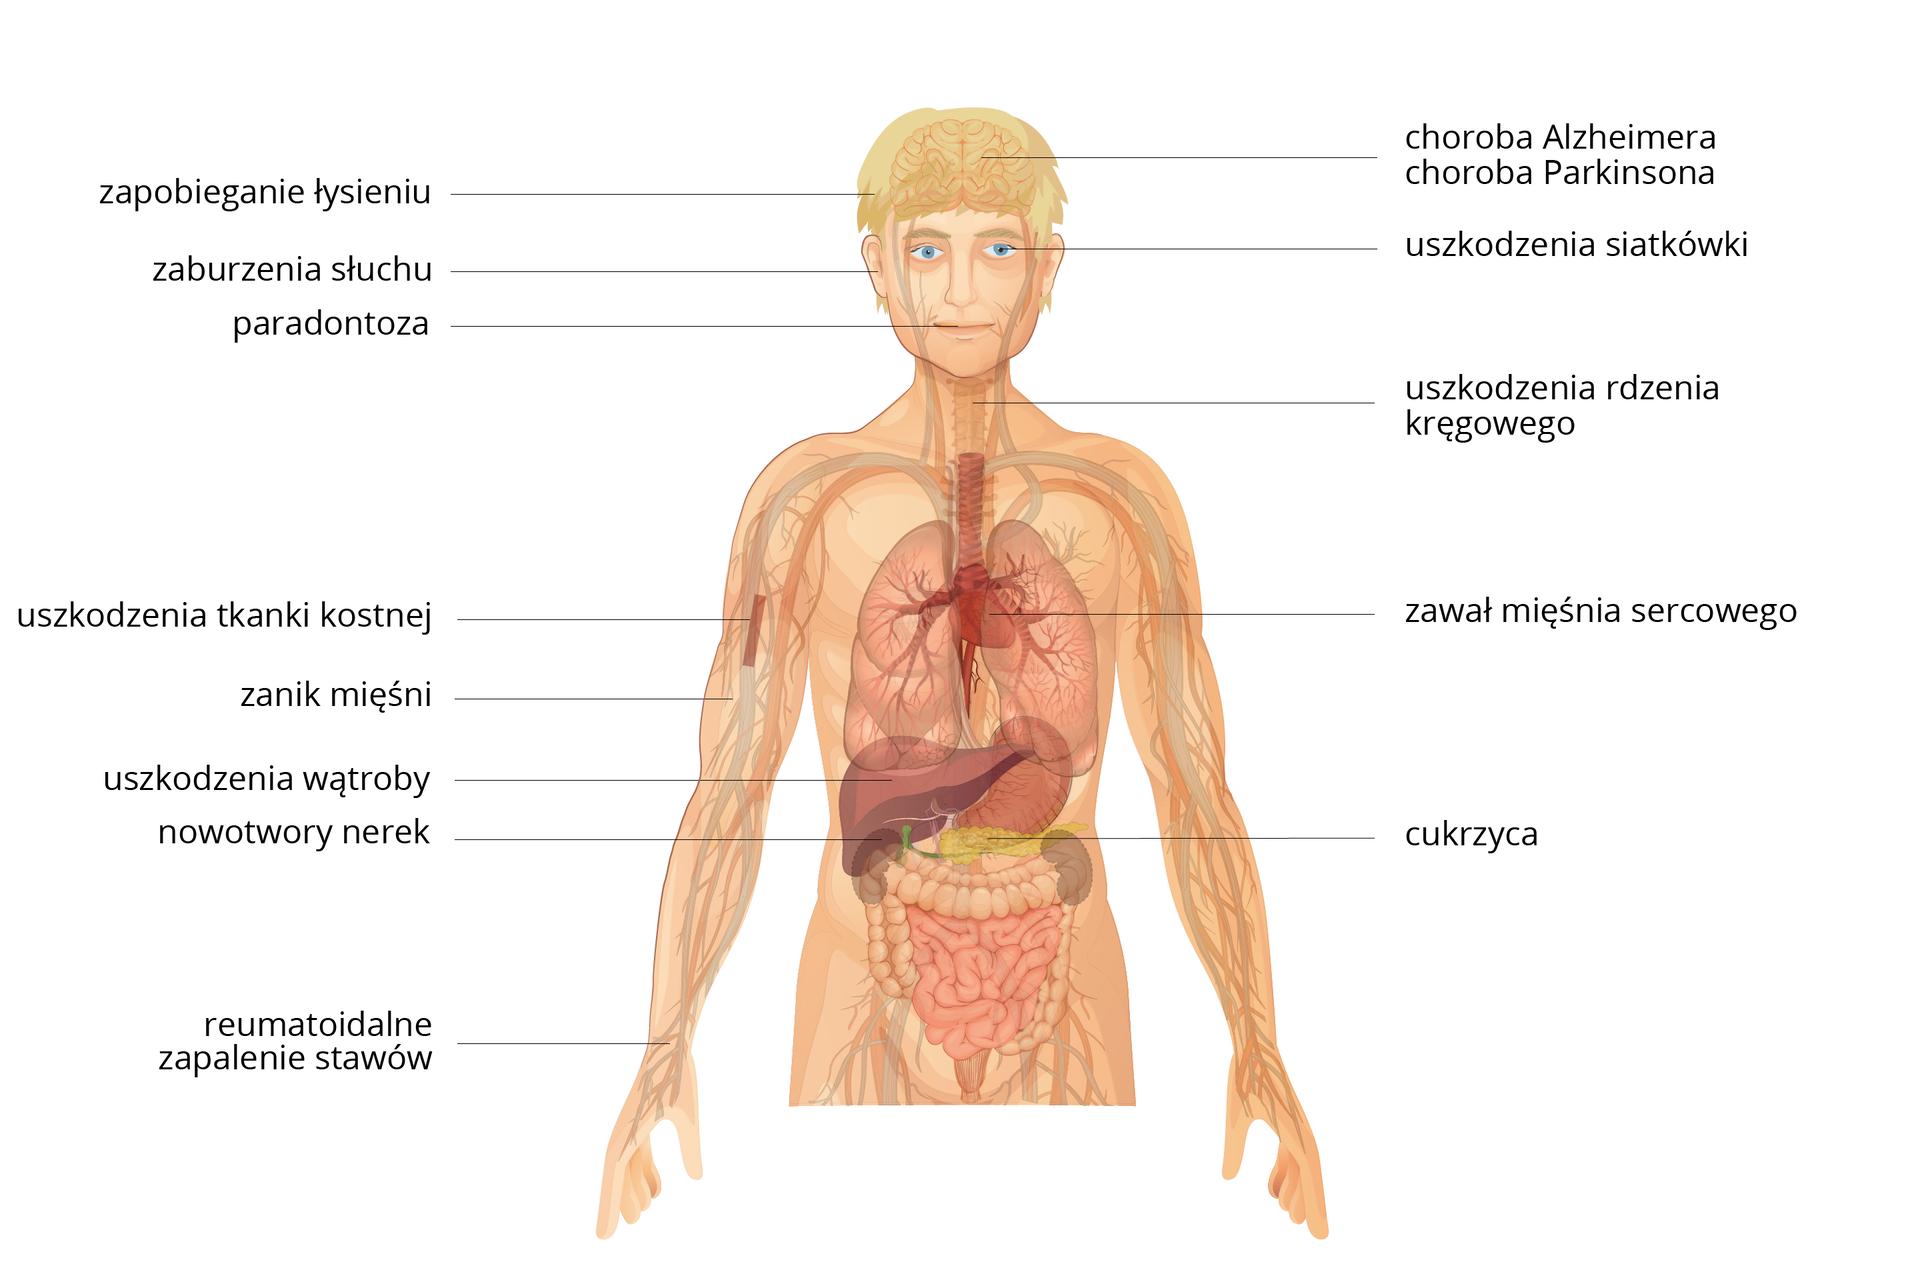 SIlustracja przedstawia sylwetkę człowieka zwrysowanymi narządami. Linie zopisami wskazują jednostki chorobowe, które można leczyć zwykorzystaniem terapii komórkowej.